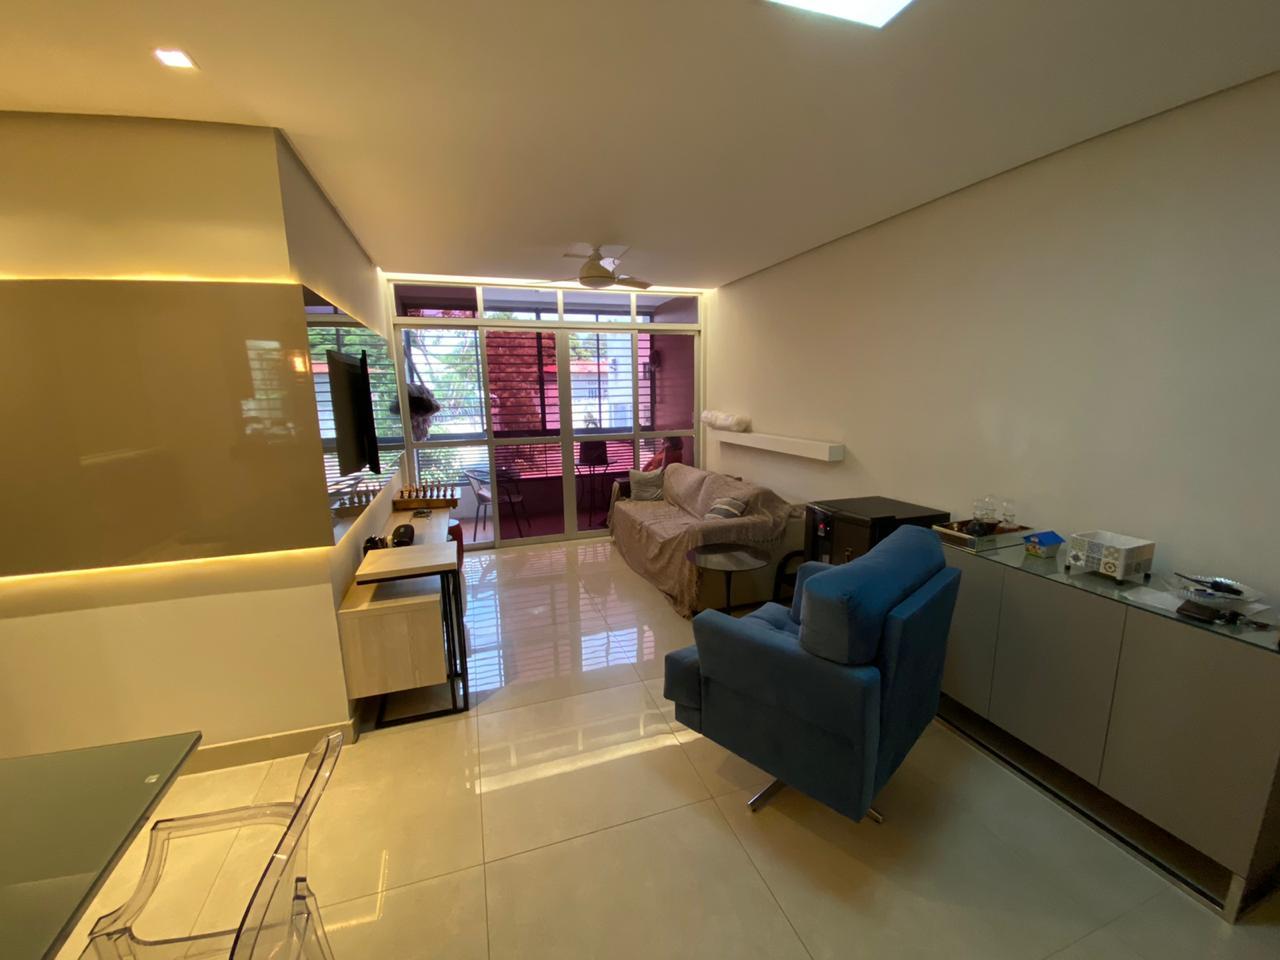 Apartamento venda reformado,3 quartos(1 suíte), 2 vagas -Próximo avenida João XXIII– Murillo Lago Imóveis